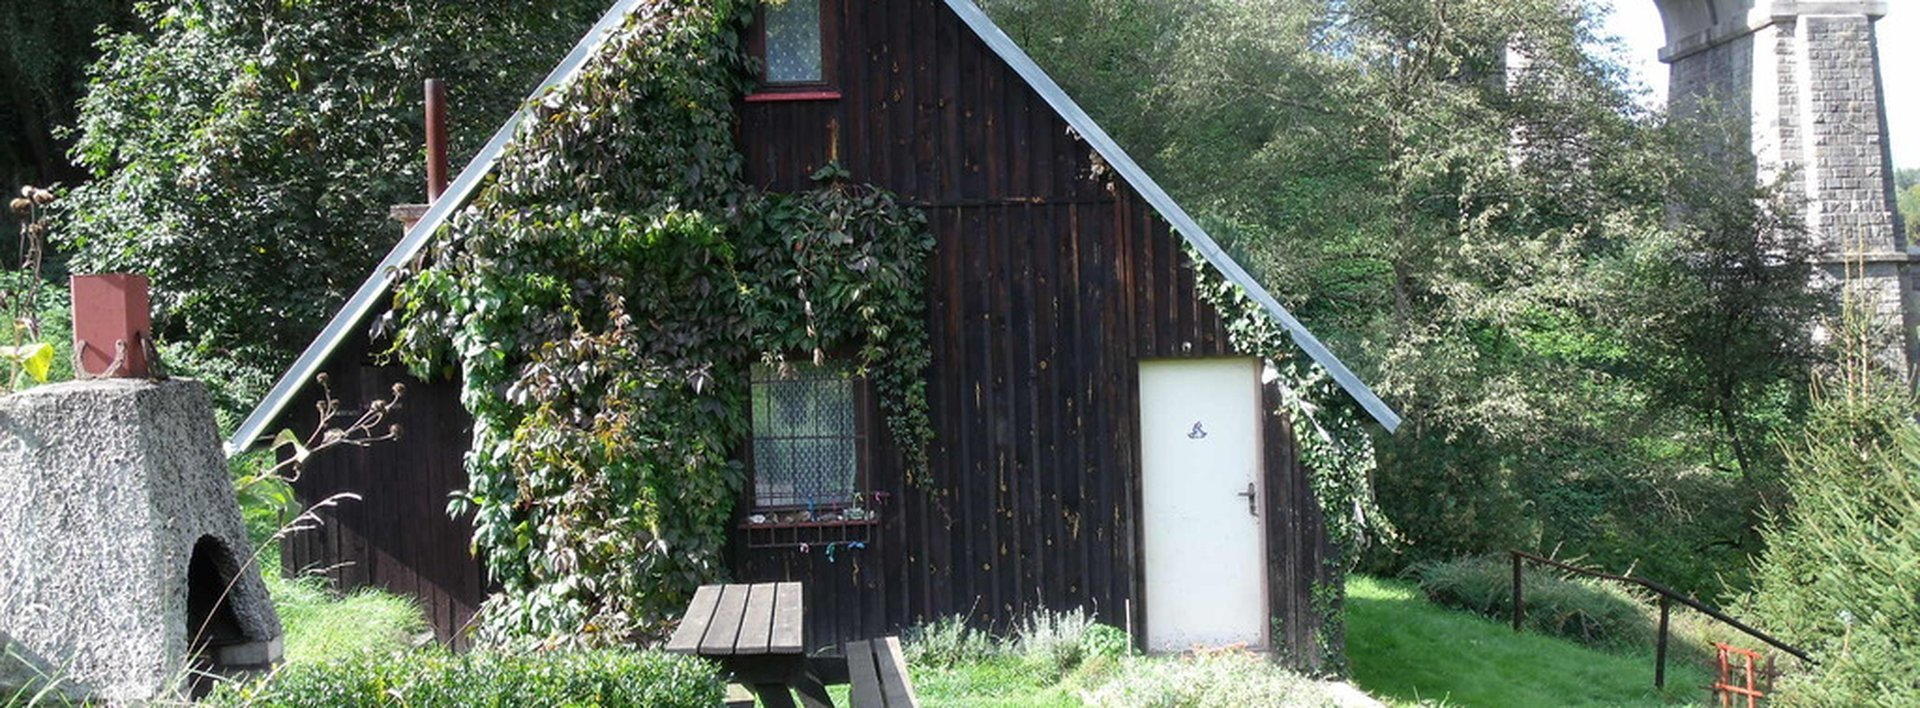 Prodej rekreační chaty u Sychrova - kouzelné, klidné místo, Ev.č.: N47415